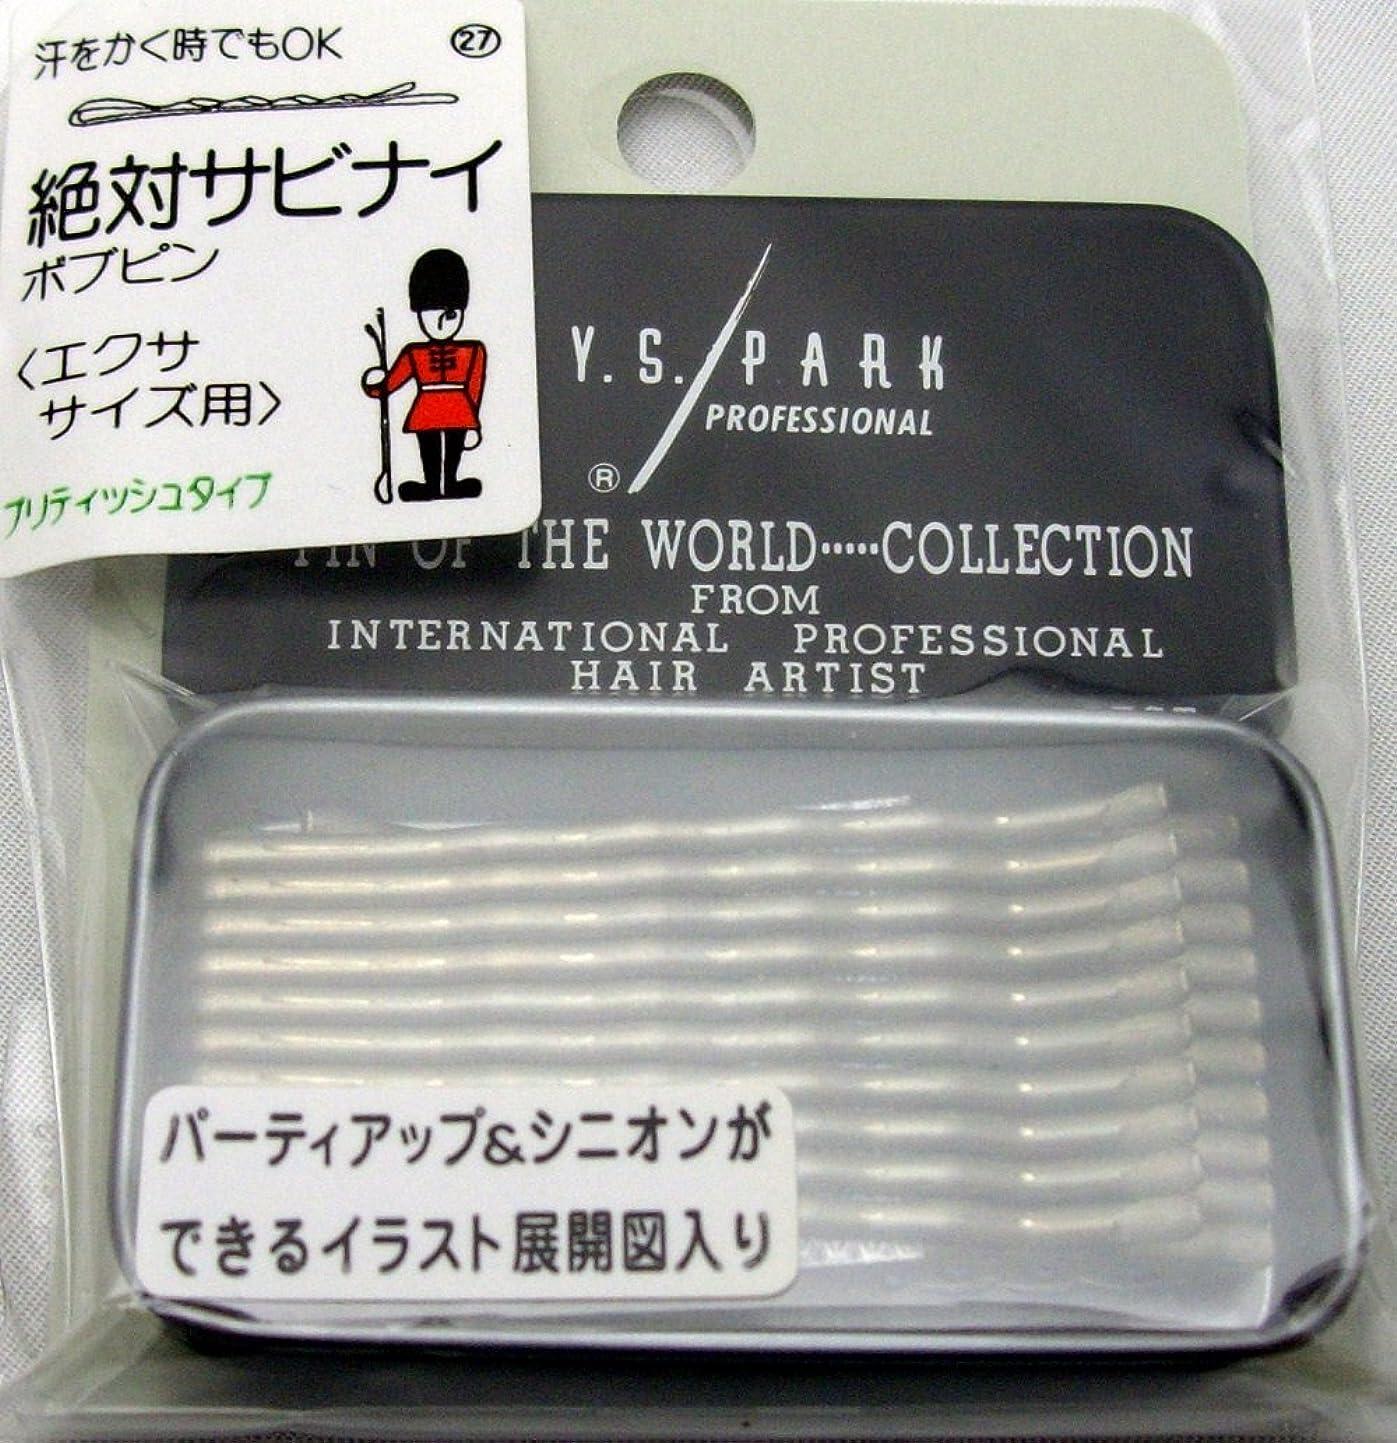 注意暴力的な不十分なY.S.PARK 世界のヘアピンコレクションNo.27(エクササイズ用)ステンレス製(シルバー)20P